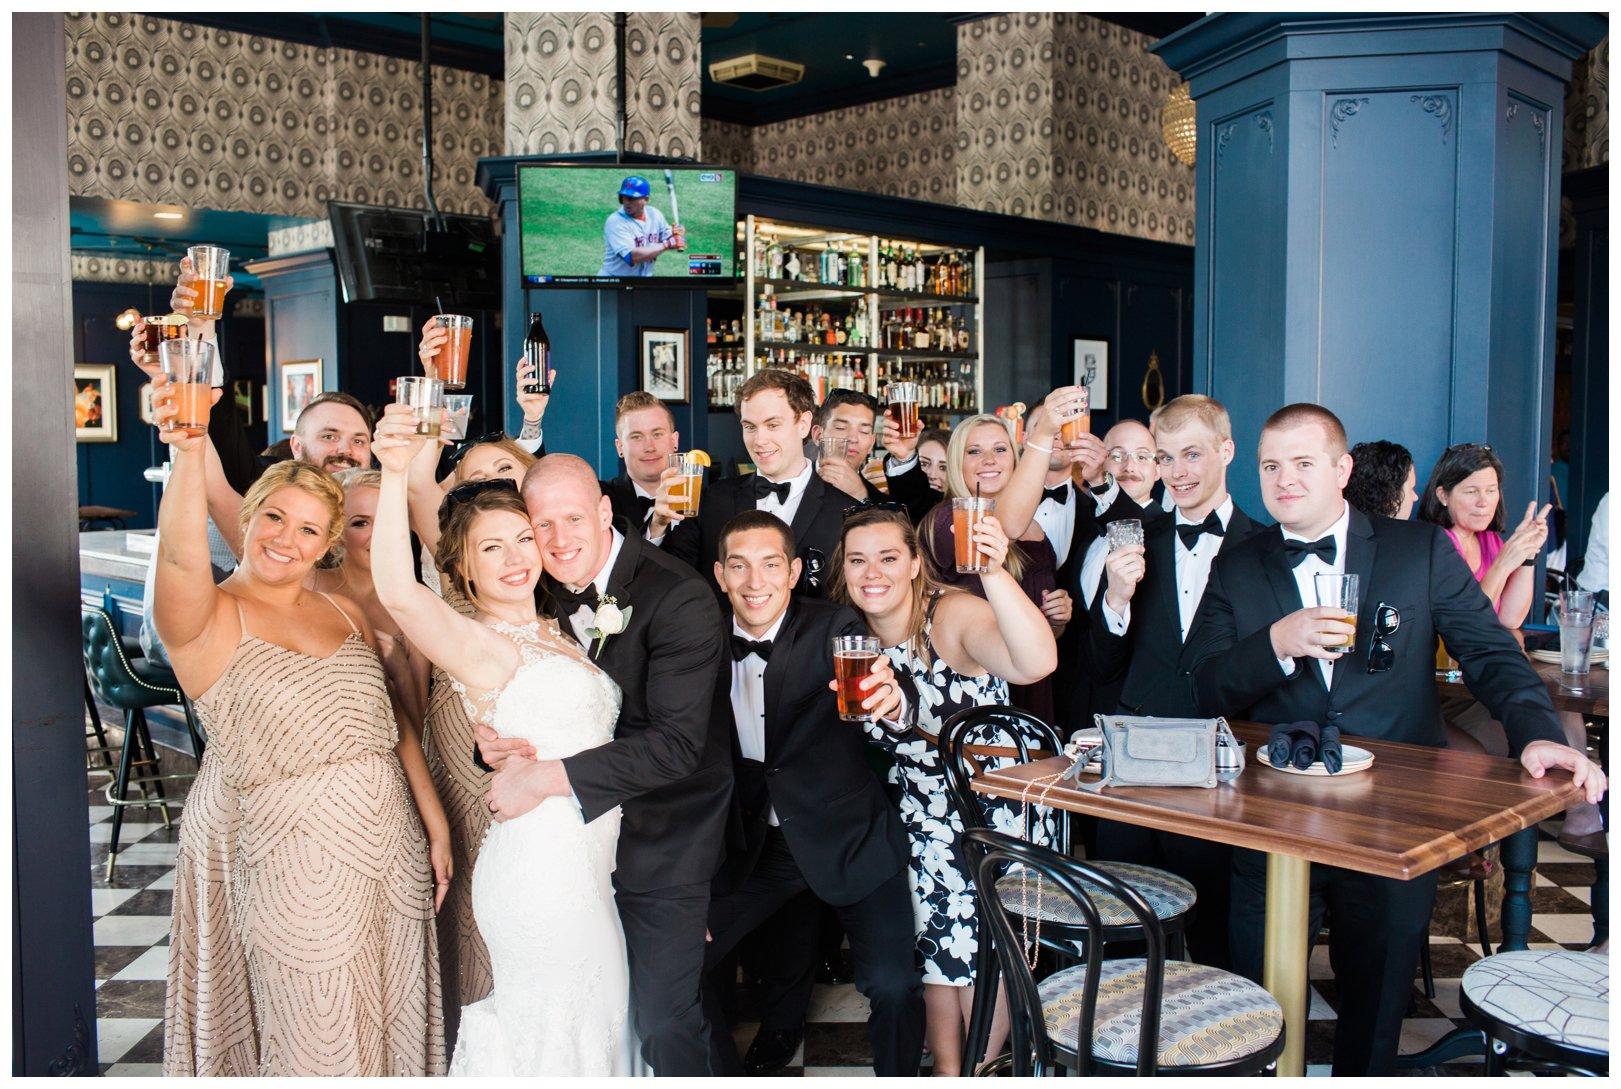 lauren muckler photography_fine art film wedding photography_st louis_photography_1318.jpg